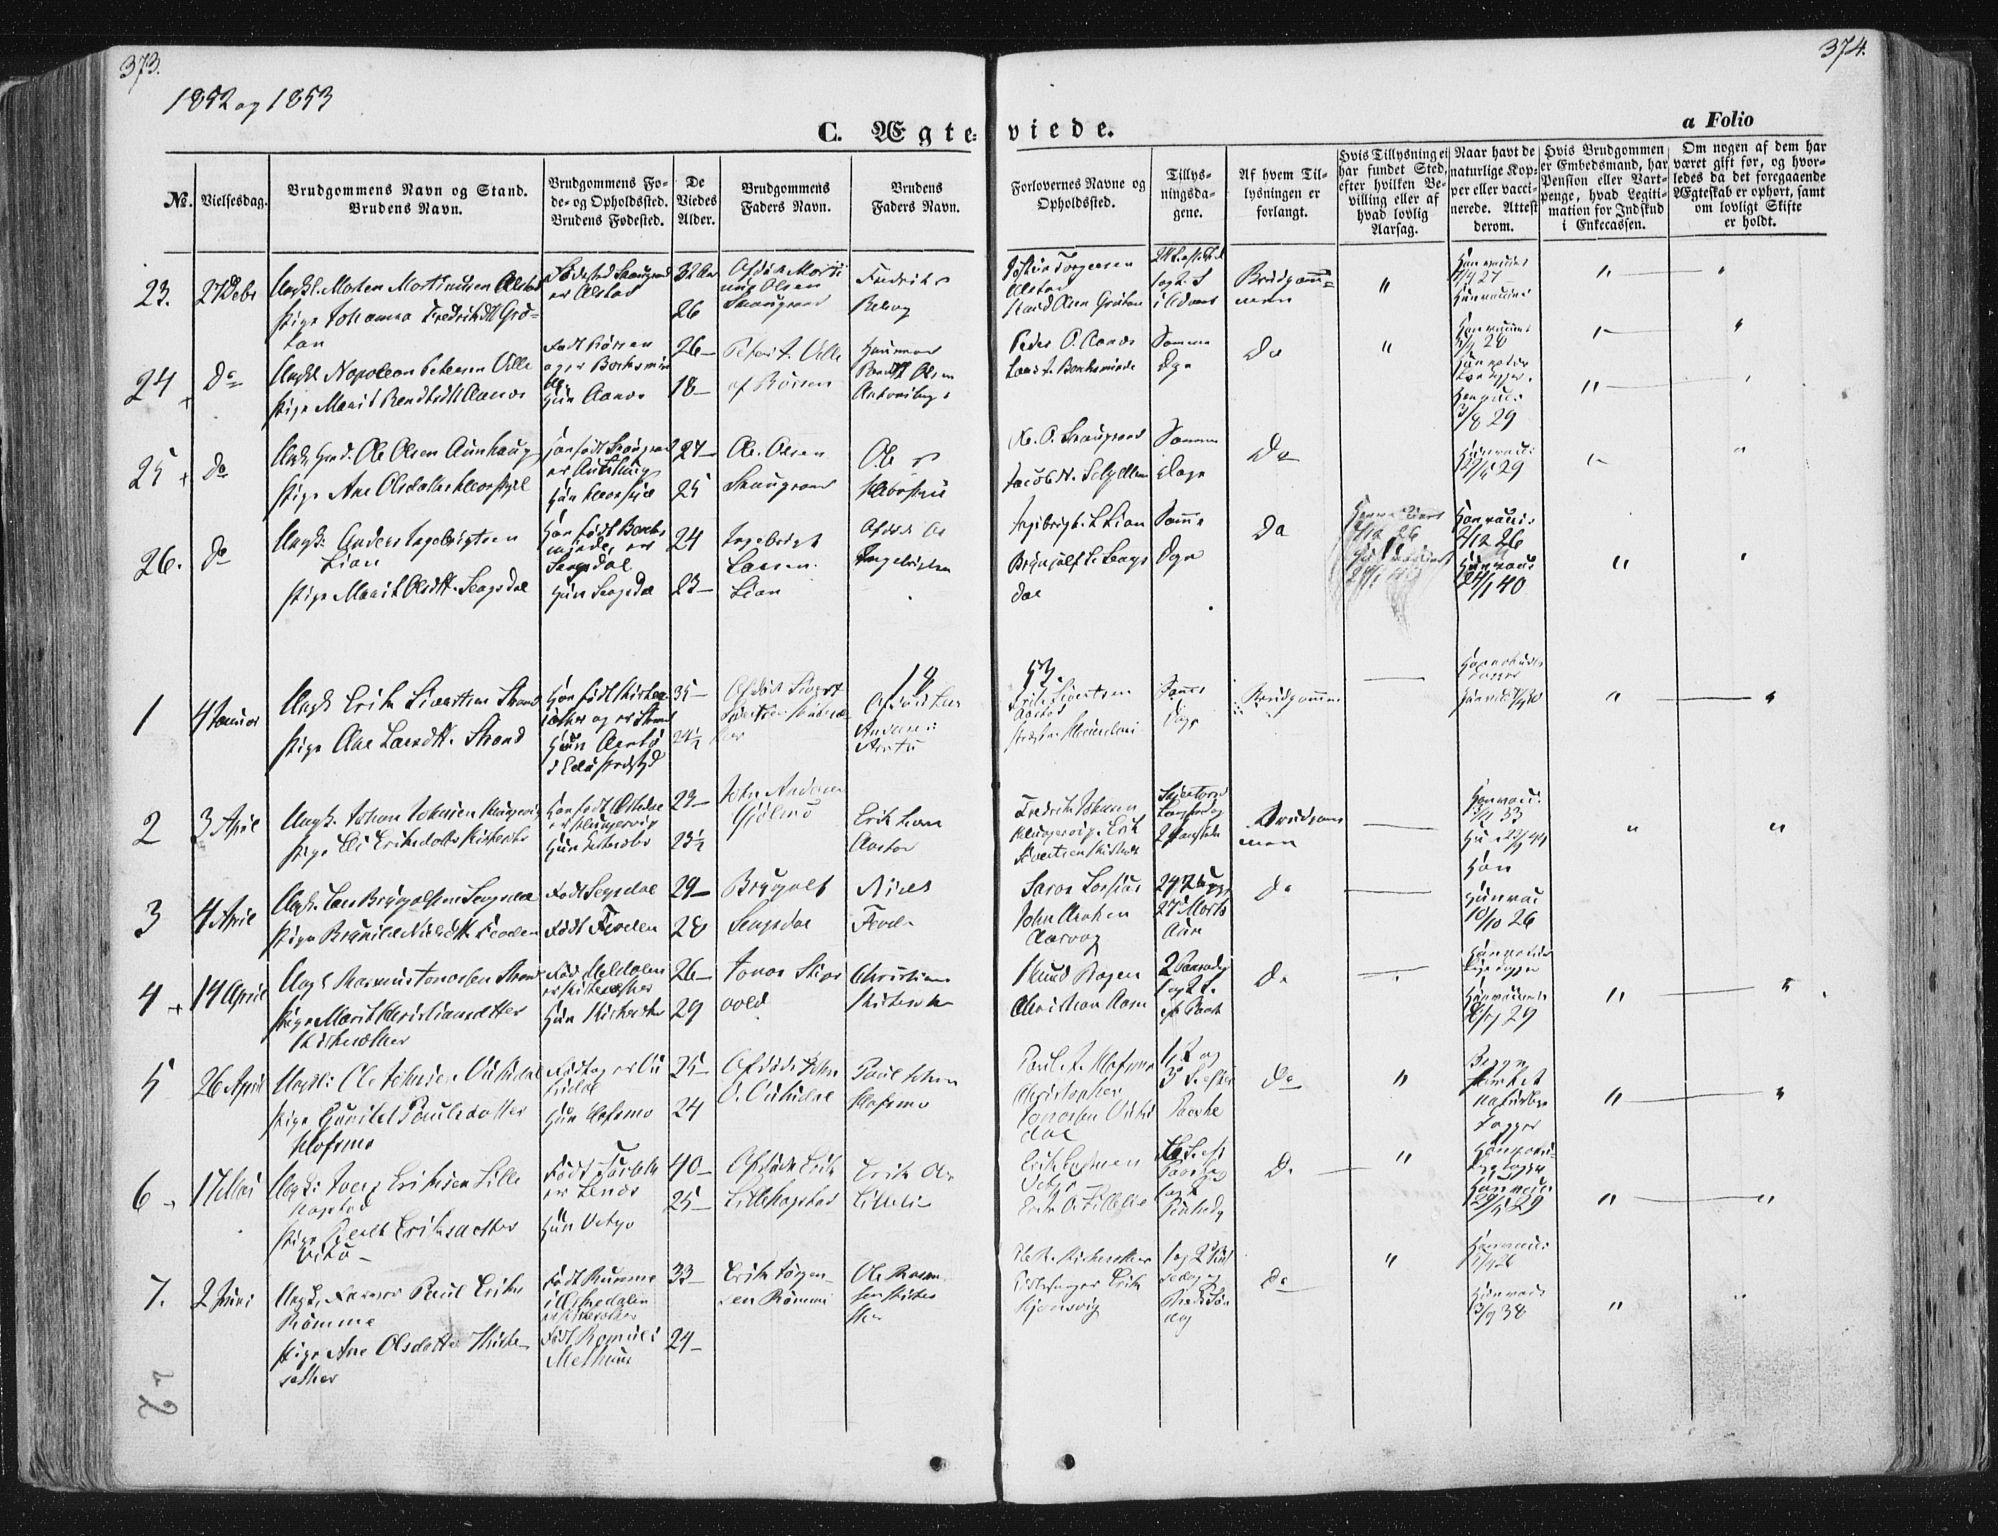 SAT, Ministerialprotokoller, klokkerbøker og fødselsregistre - Sør-Trøndelag, 630/L0494: Ministerialbok nr. 630A07, 1852-1868, s. 373-374